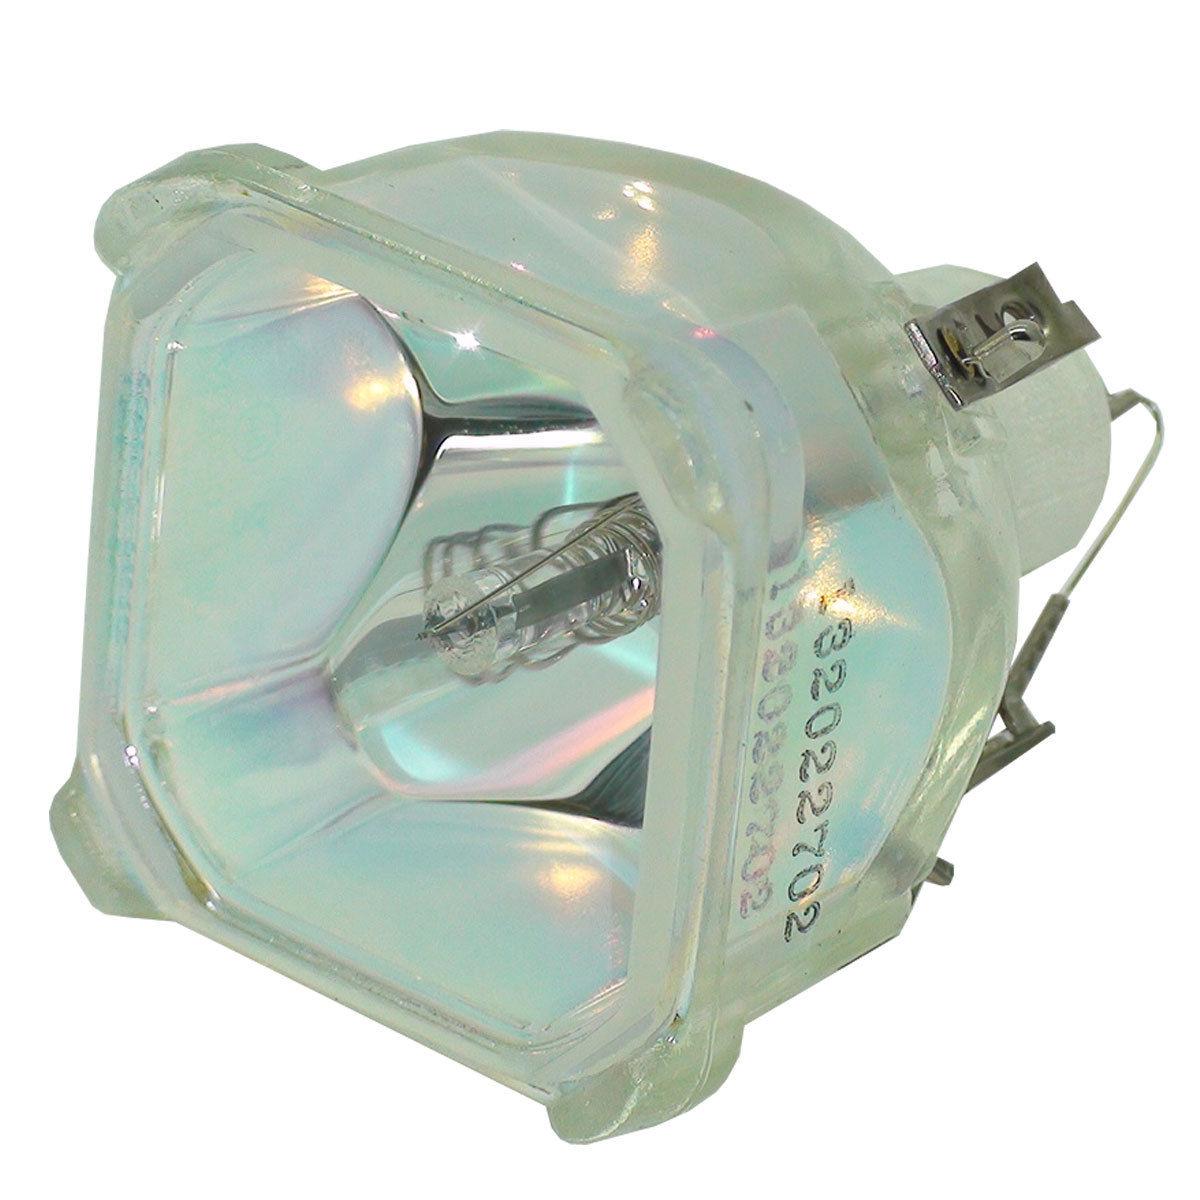 Compatible Bulb DT00521 DT-00521 for HITACHI CP-X275 CP-X275A CP-X275W CP-X327 ED-X3250 ED-X3270 ED-X3270A Projector Bulb Lamp compatible projector lamp for hitachi dt01091 cp aw100n cp d10 cp dw10n ed aw100n ed aw110n ed d10n ed d11n hcp q3 hcp q3w